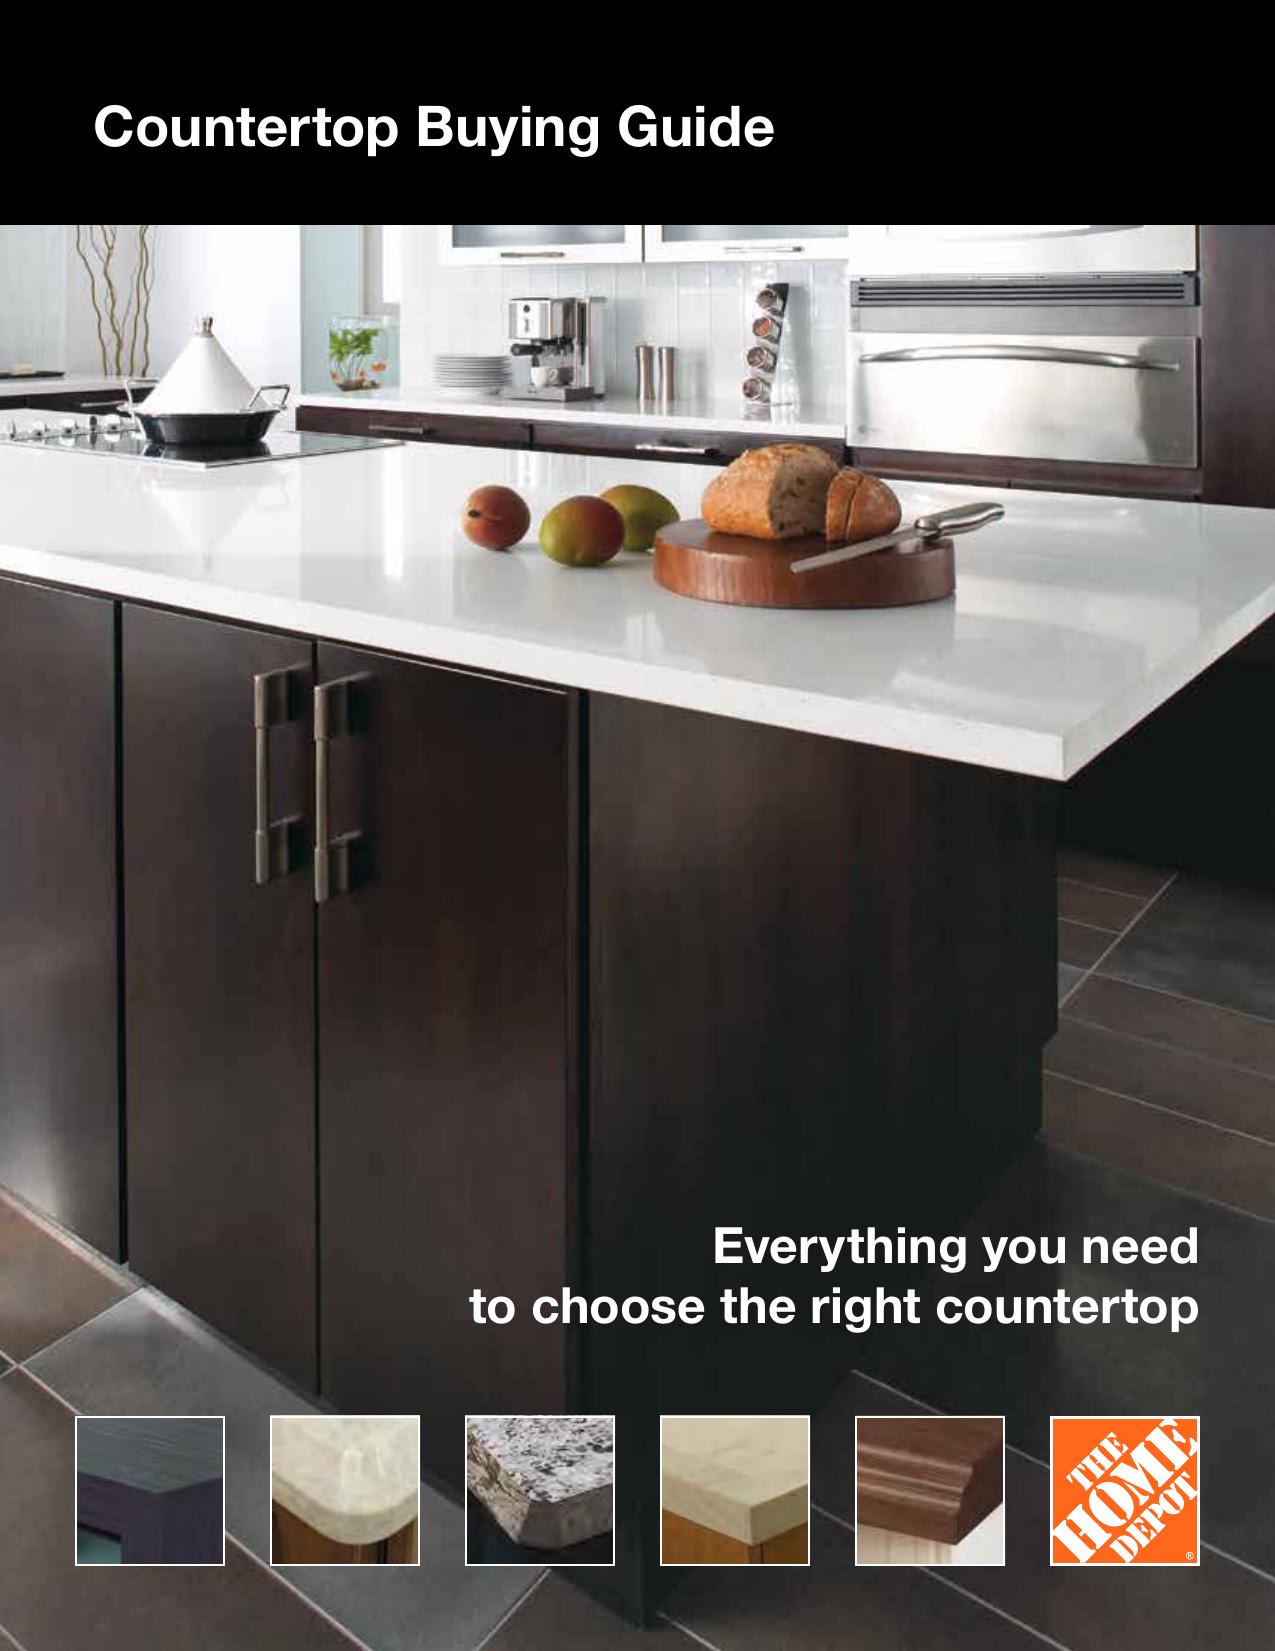 Countertop Buying Guide